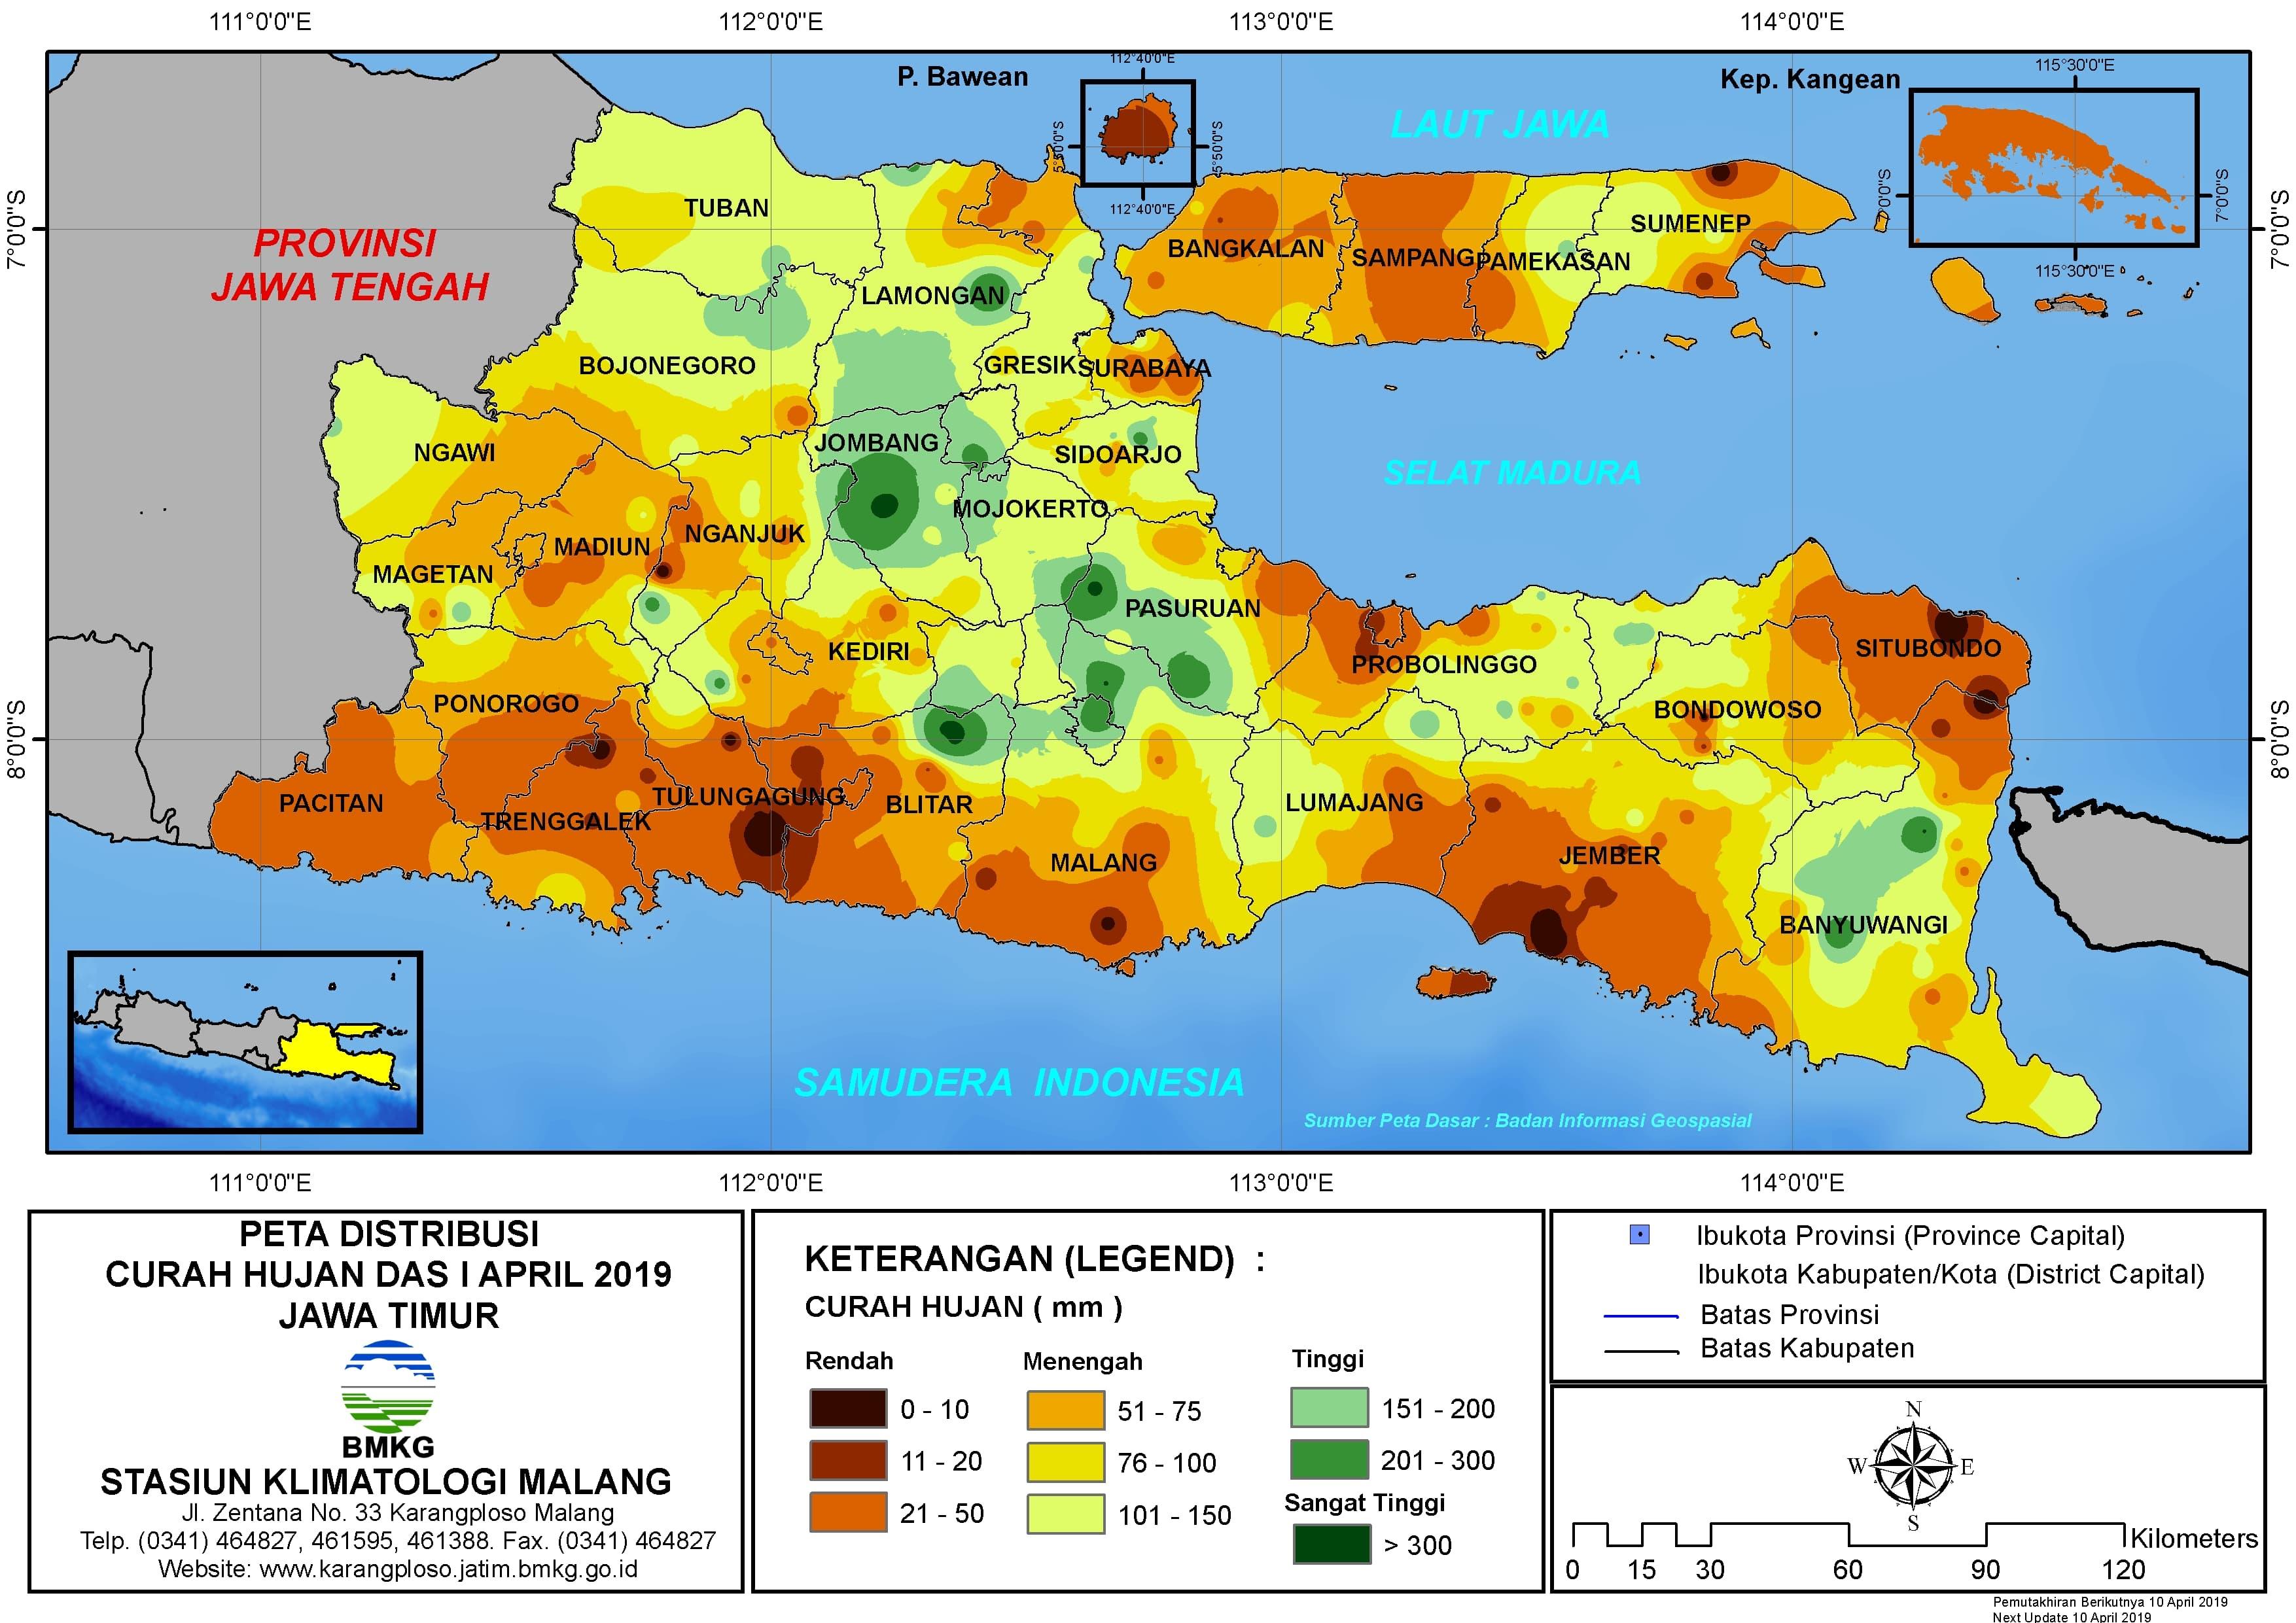 Peta Analisis Distribusi Curah Hujan Dasarian I April 2019 di Provinsi Jawa Timur